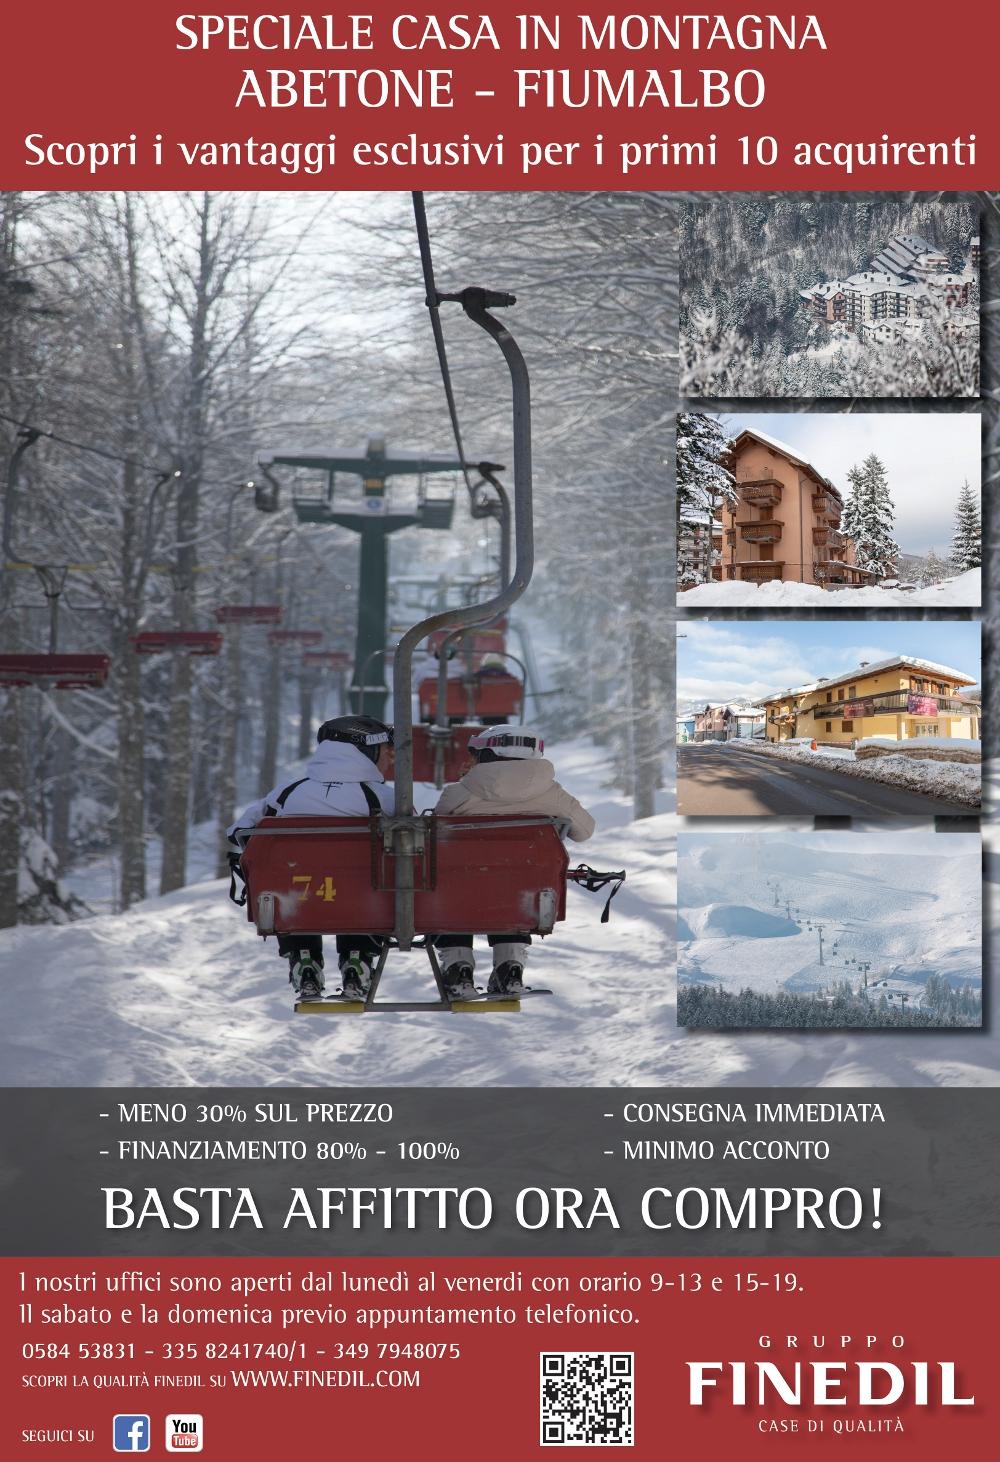 Speciale casa in montagna abetone e fiumalbo for Casa speciale